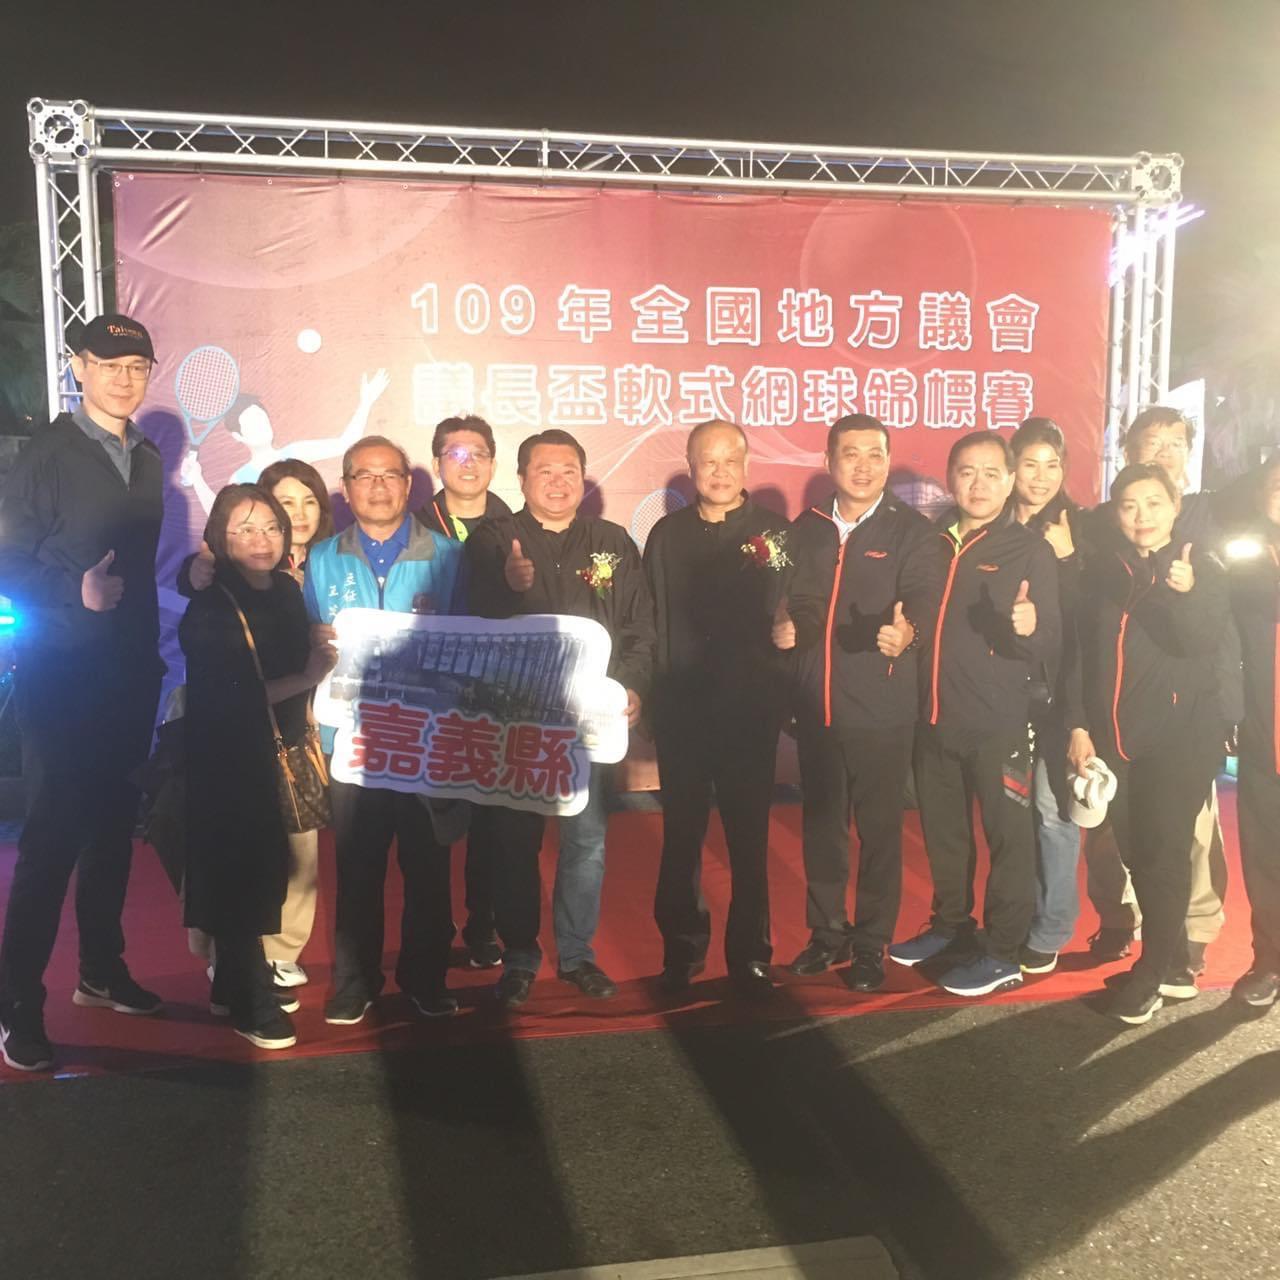 張議長與陳副議長12月9日晚上於台南市議會參加109年全國地方議會議長盃軟式網球賽開幕。